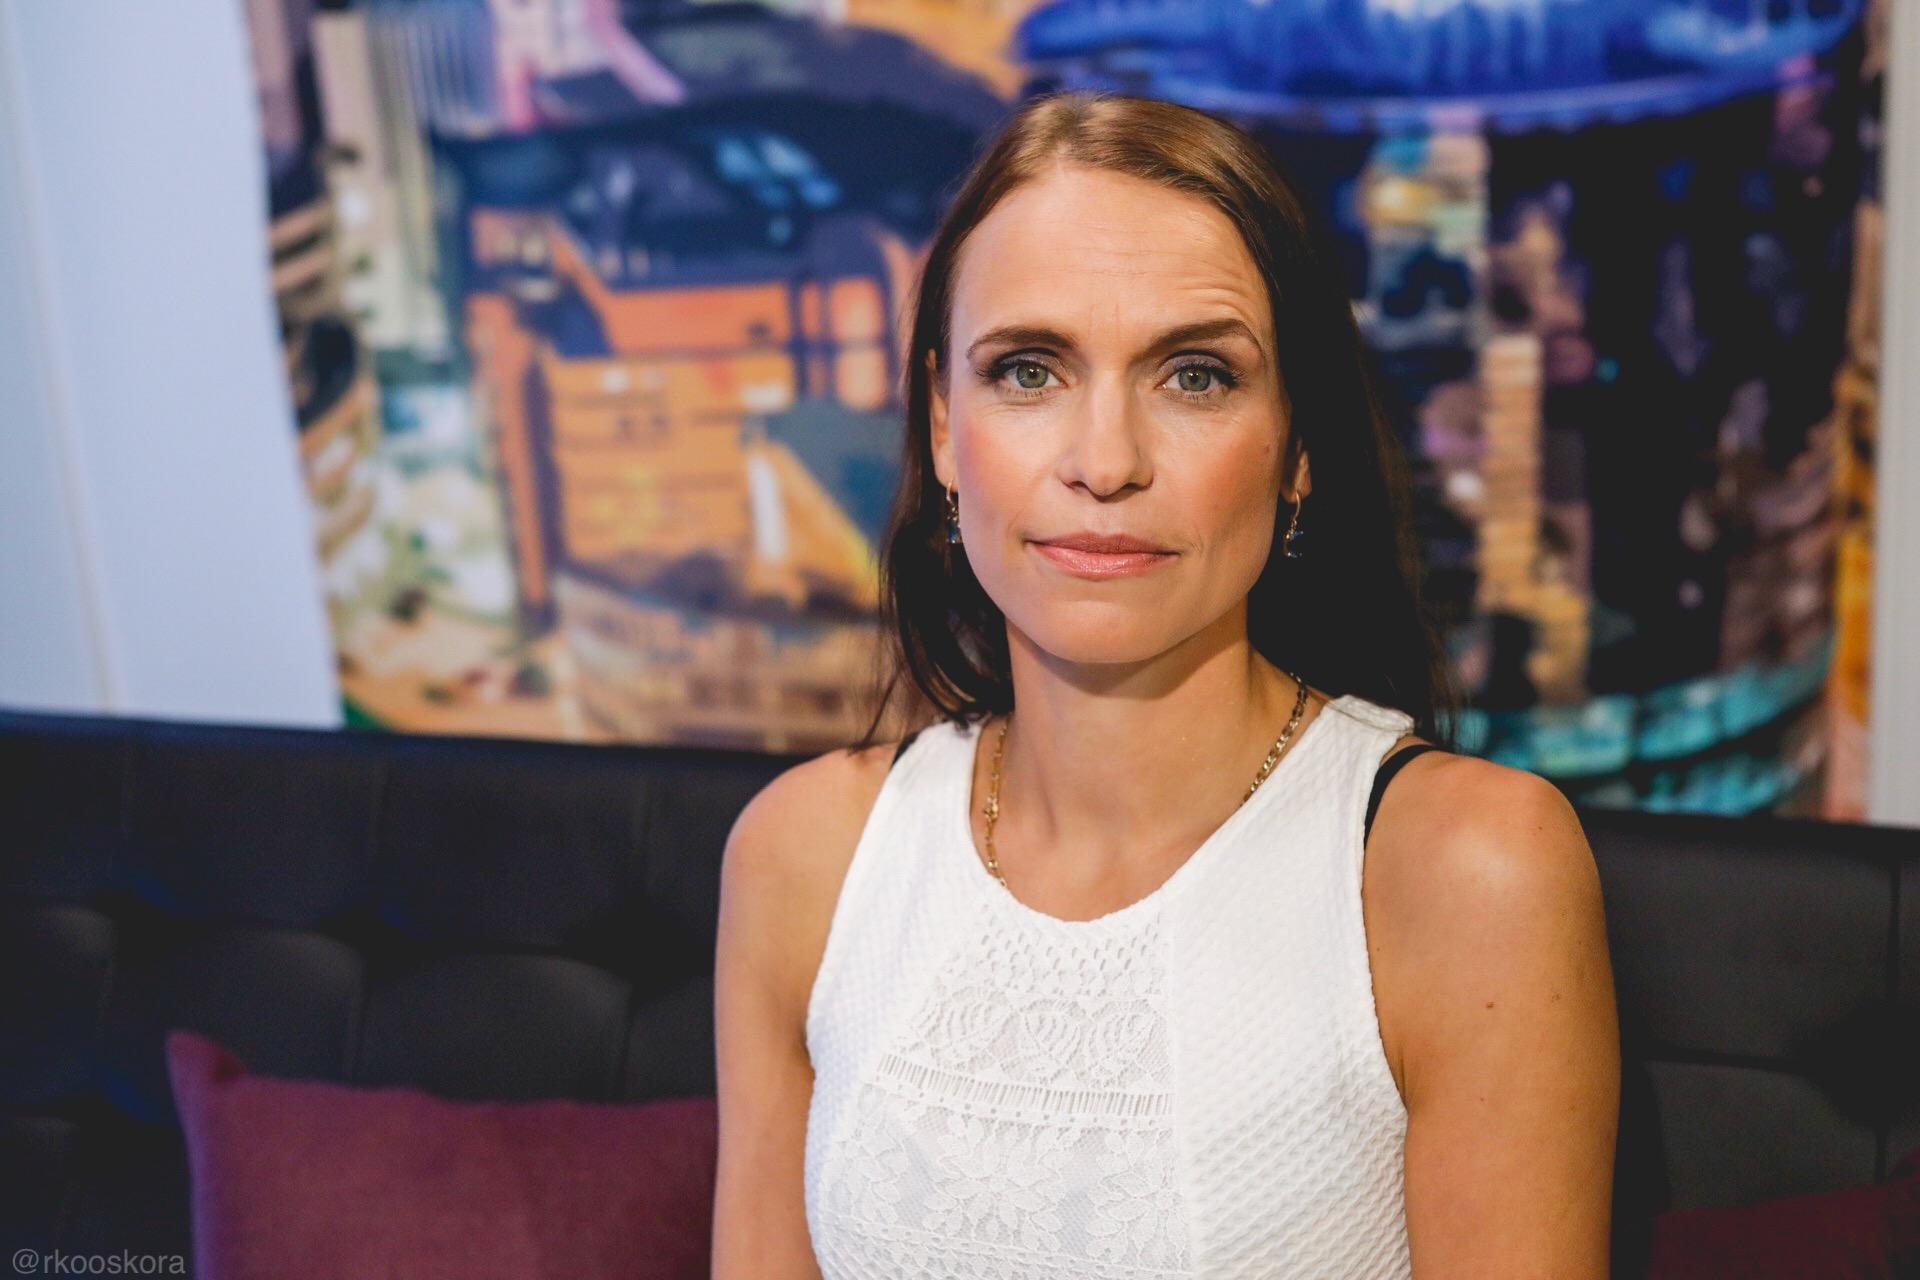 VIDEO! Karin Kogermann Hannes Võrno saates: haavaravi vajab parandamist